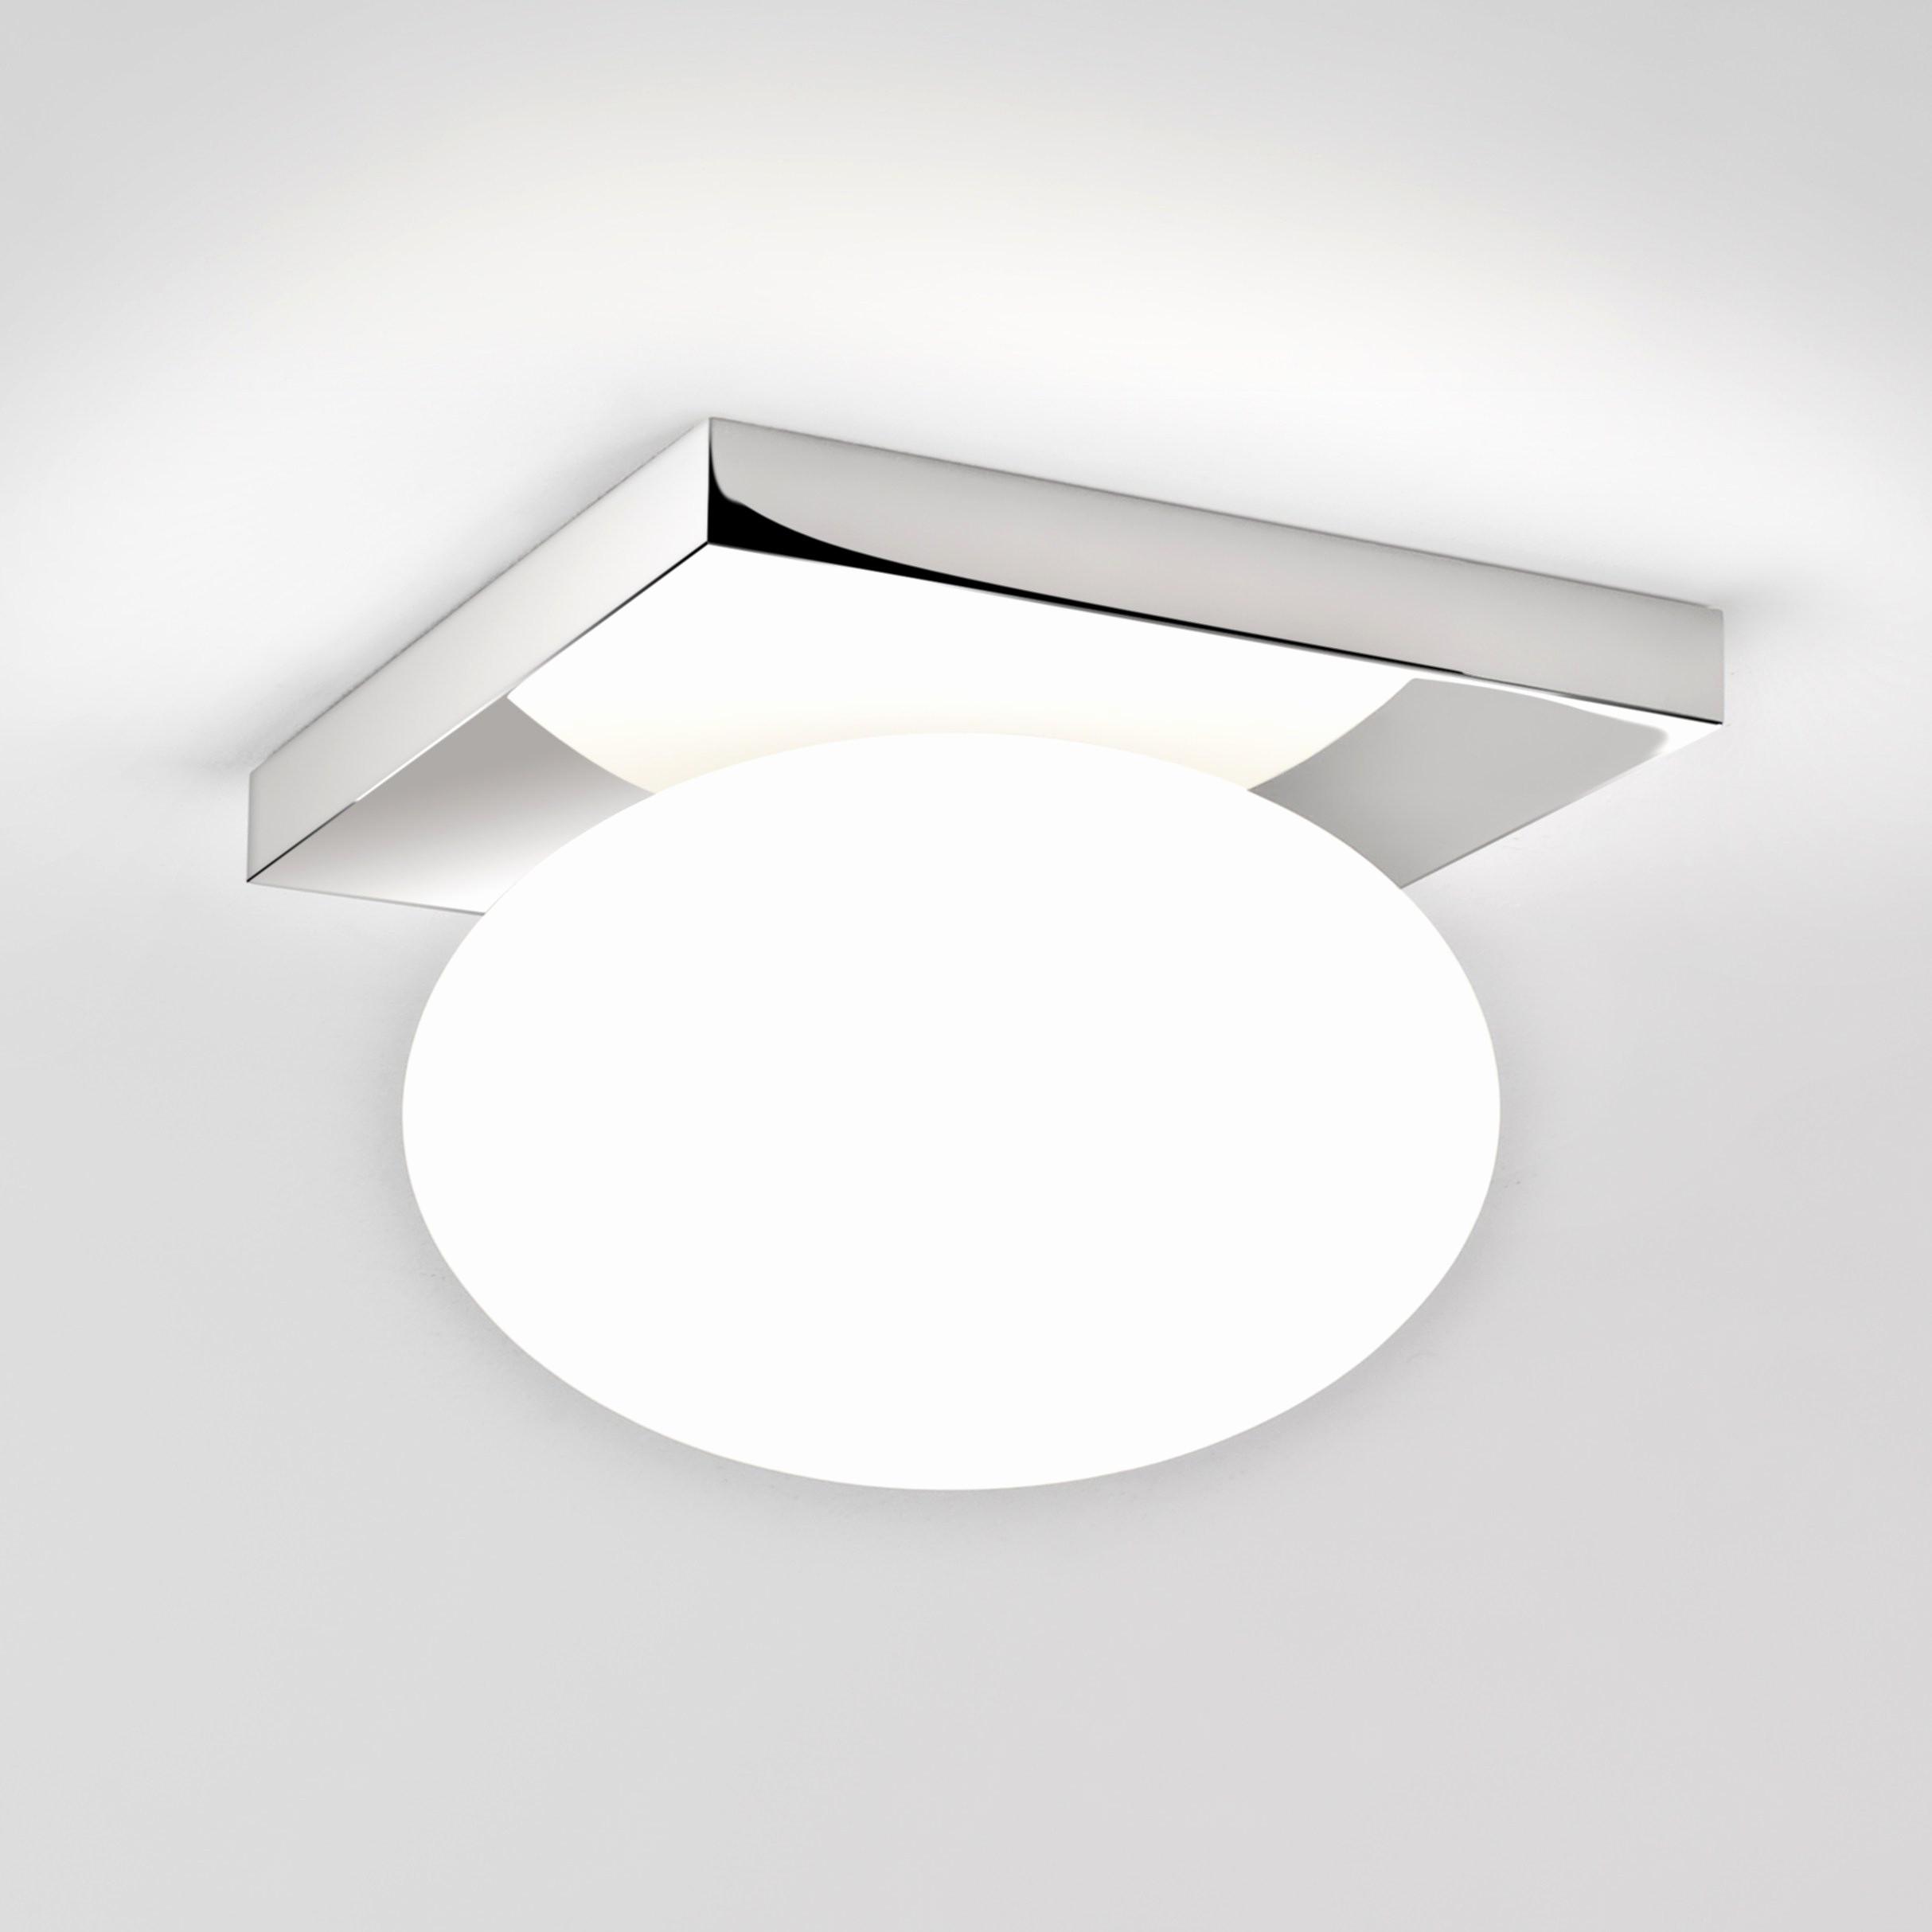 Applique Salle De Bain Avec Interrupteur Ikea Meilleur De Photos Luminaires Appliques Murales Projet – Sullivanmaxx